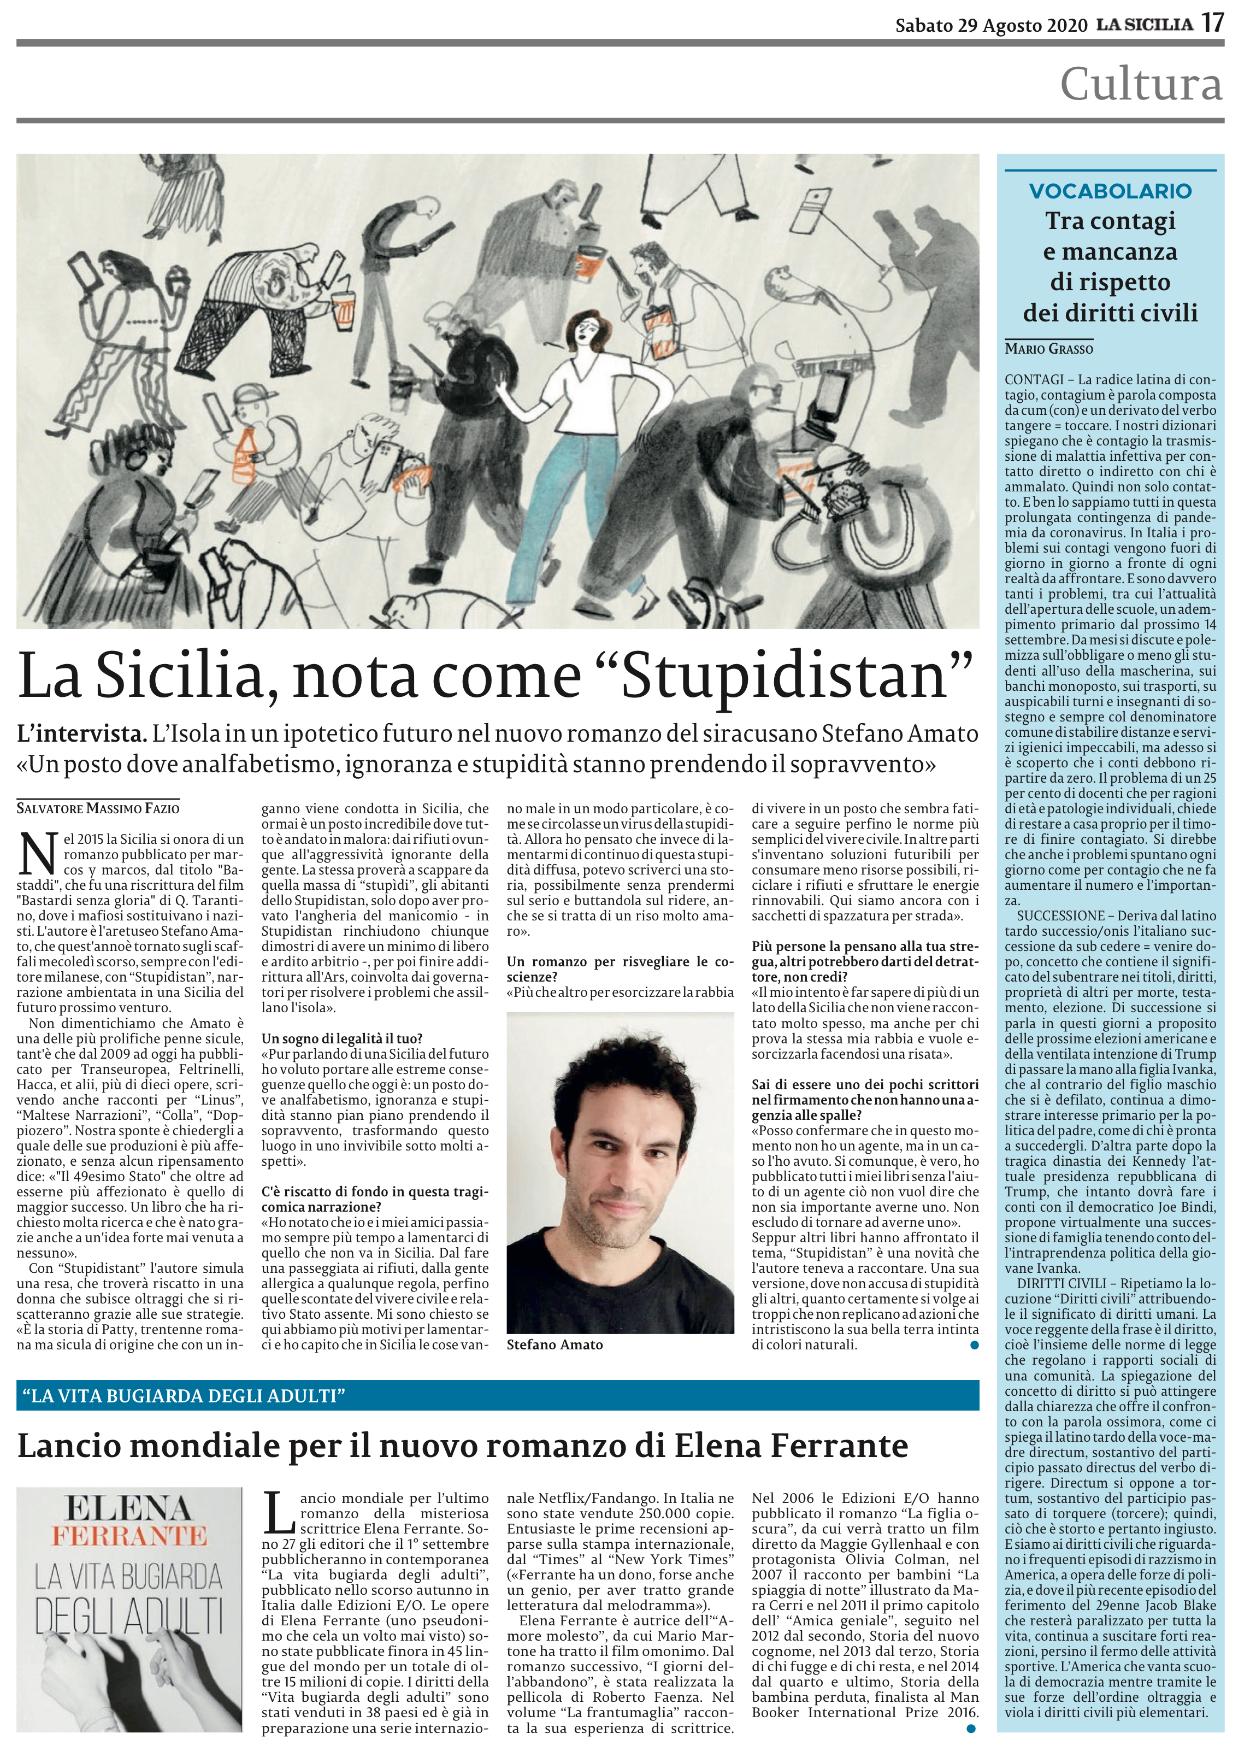 Clicca sulla pagina per acquistare La Sicilia in digitale